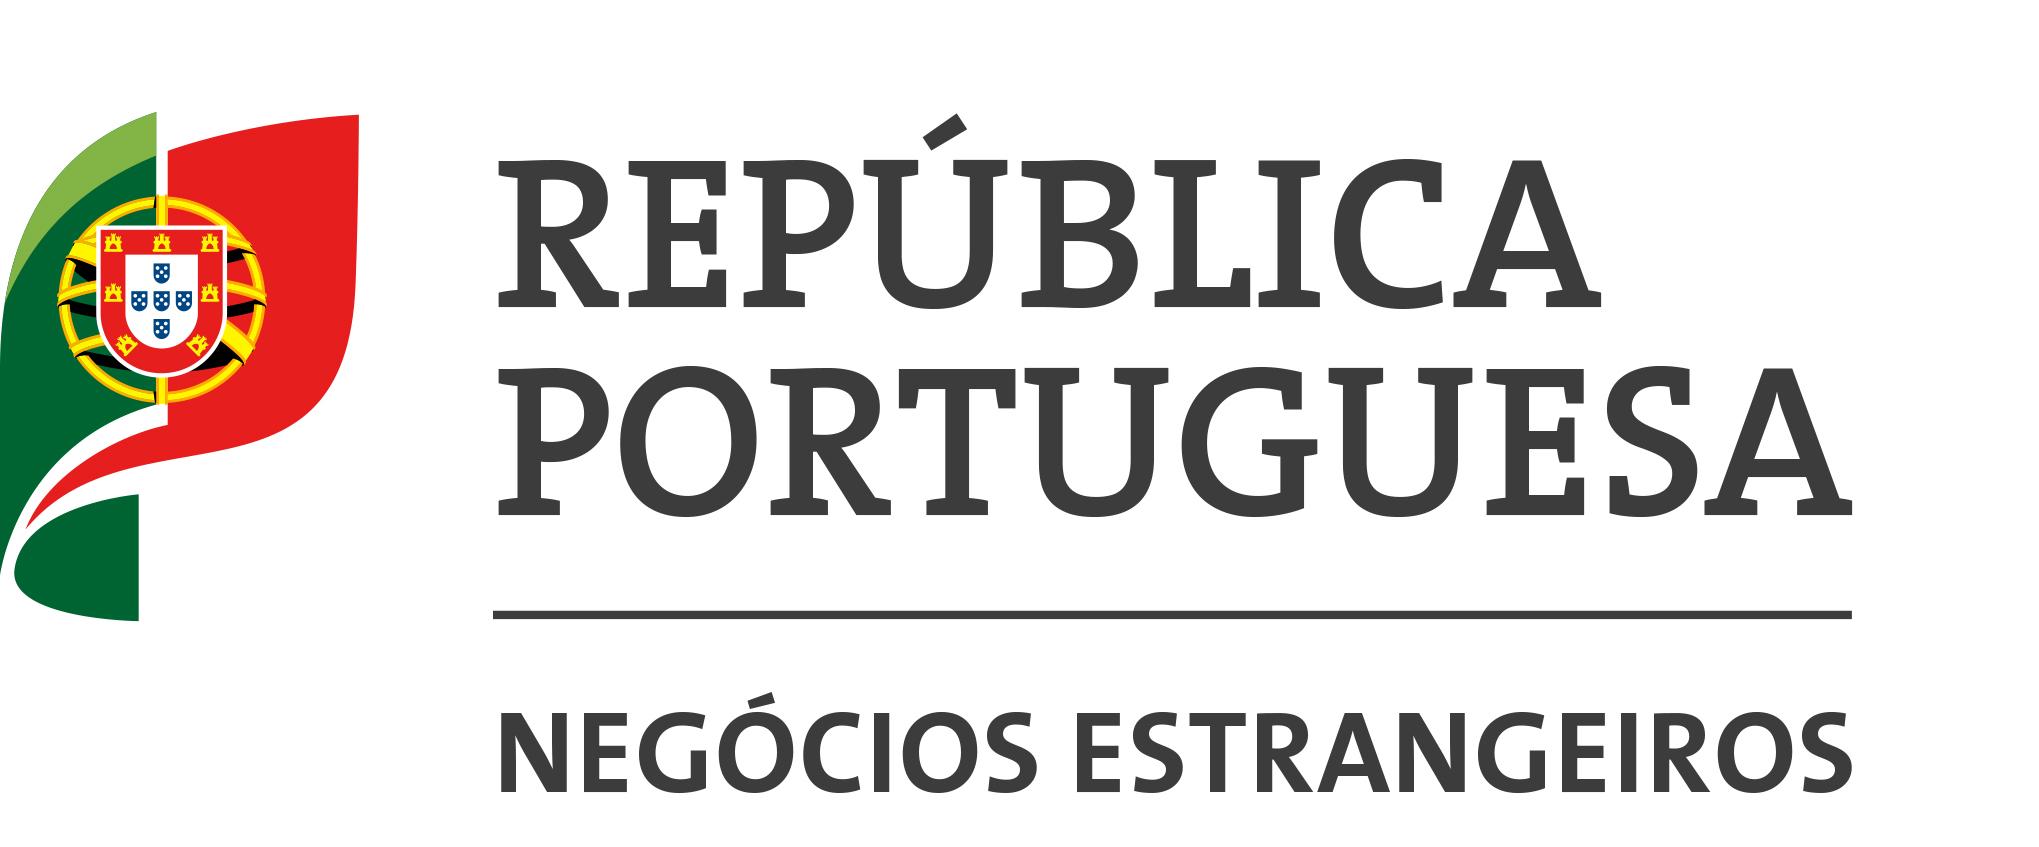 Ministro dos Negócios Estrangeiros Portugal